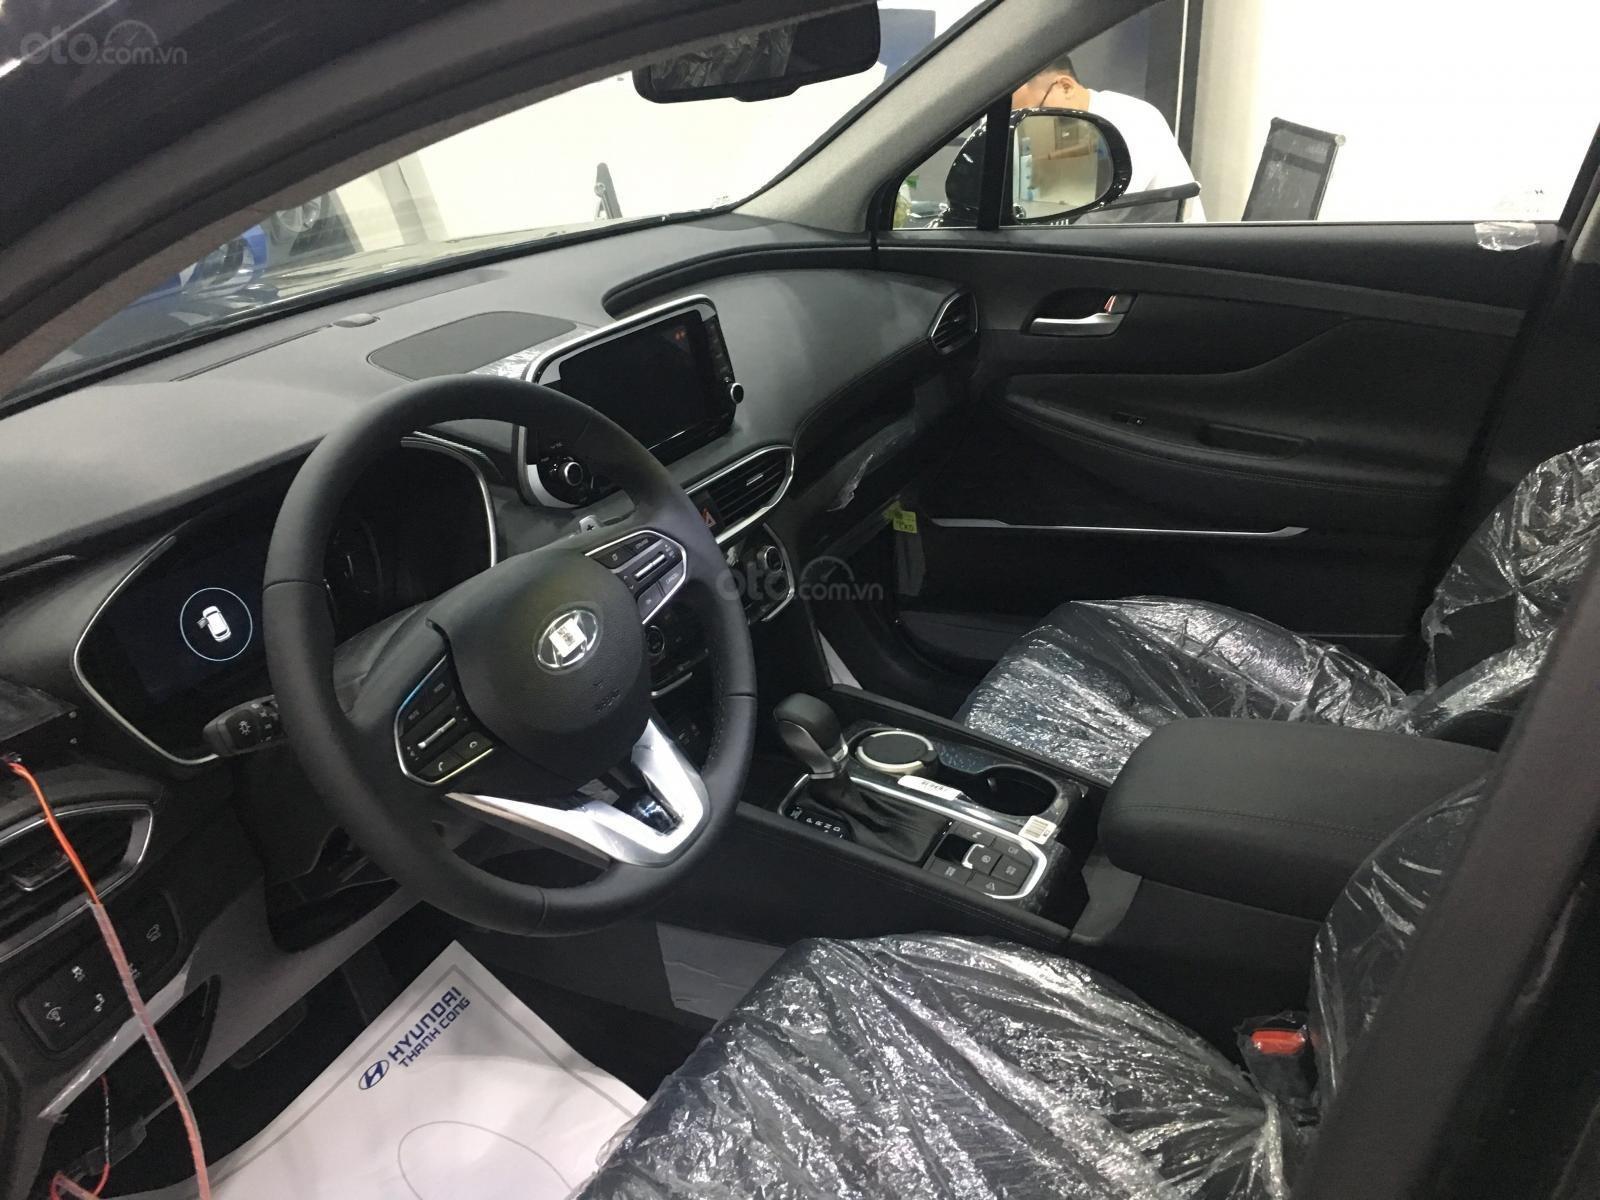 Santafe 2.4 máy xăng 2019, dẫn động H-Trac hoàn toàn mới, sẵn xe giao ngay giá đẹp (5)